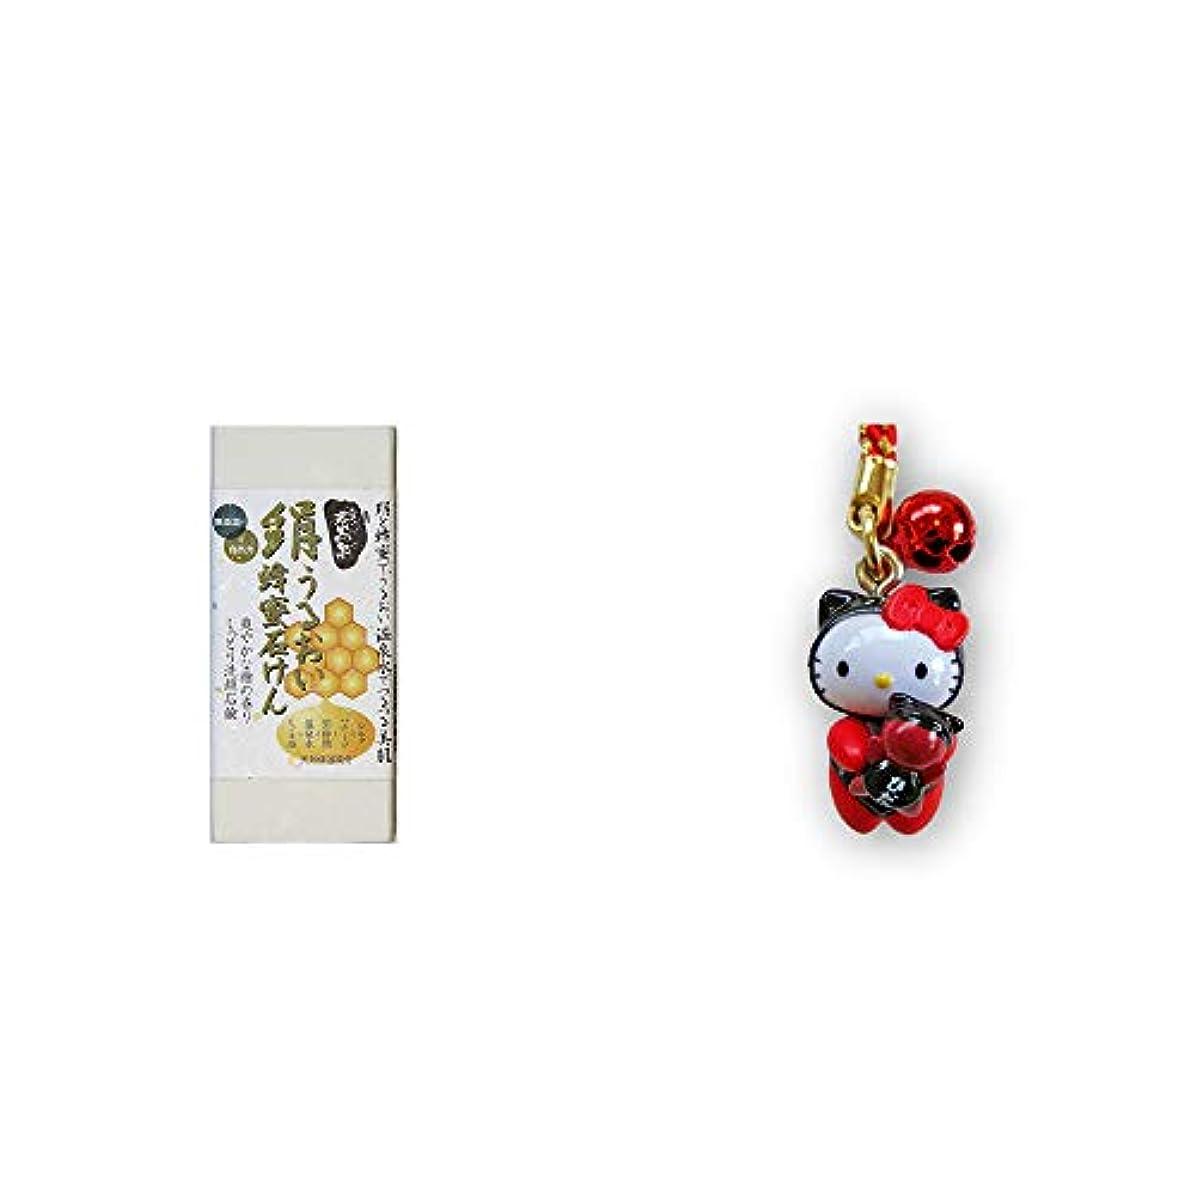 ジャンプする検証けん引[2点セット] ひのき炭黒泉 絹うるおい蜂蜜石けん(75g×2)?飛騨さるぼぼだっこキティ 根付(ストラップ) / 子宝?安産祈願 //